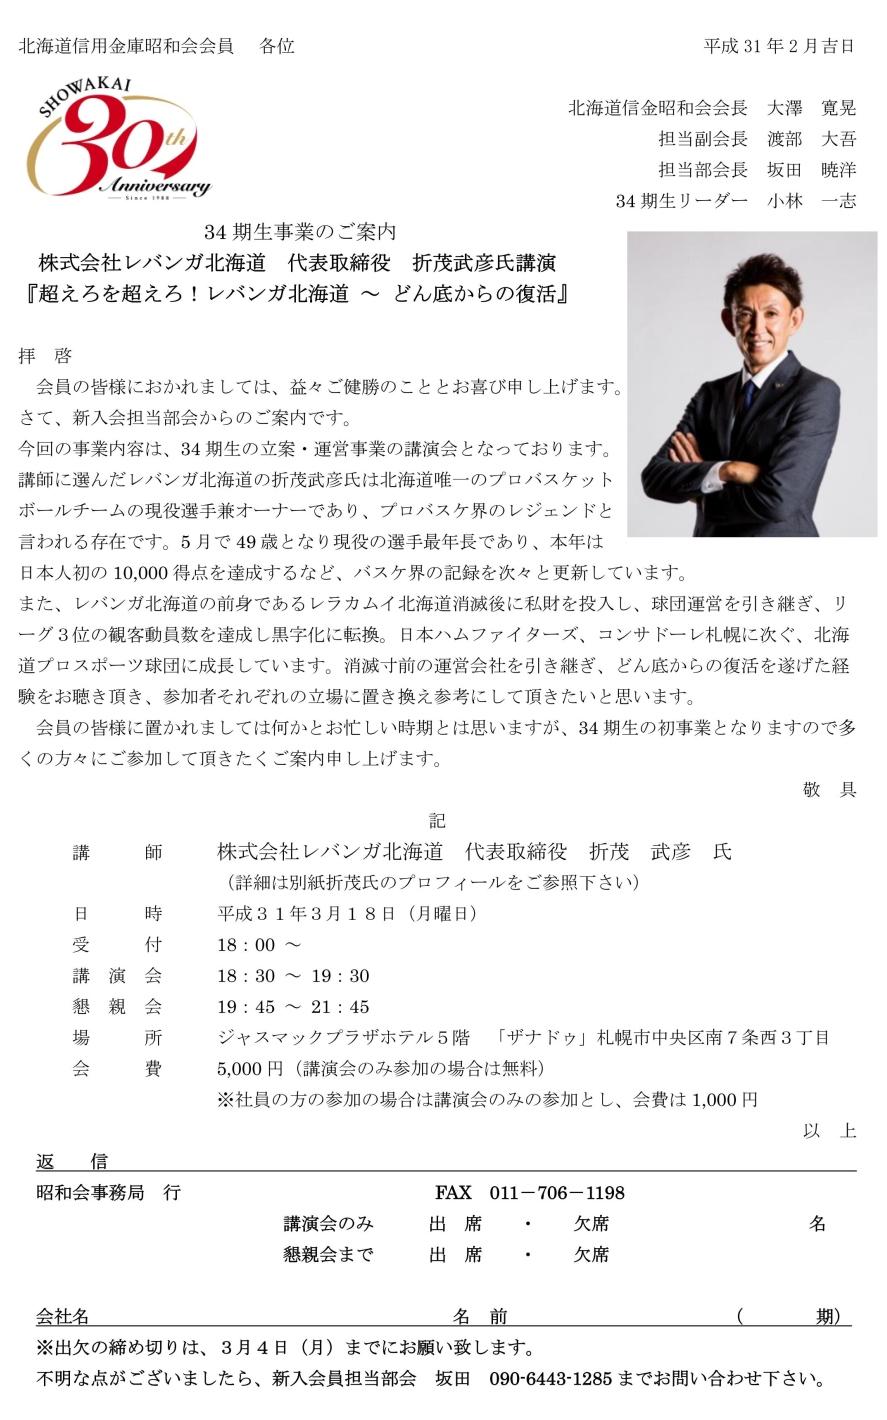 株式会社レバンガ北海道代表取締役 折茂武彦氏講演